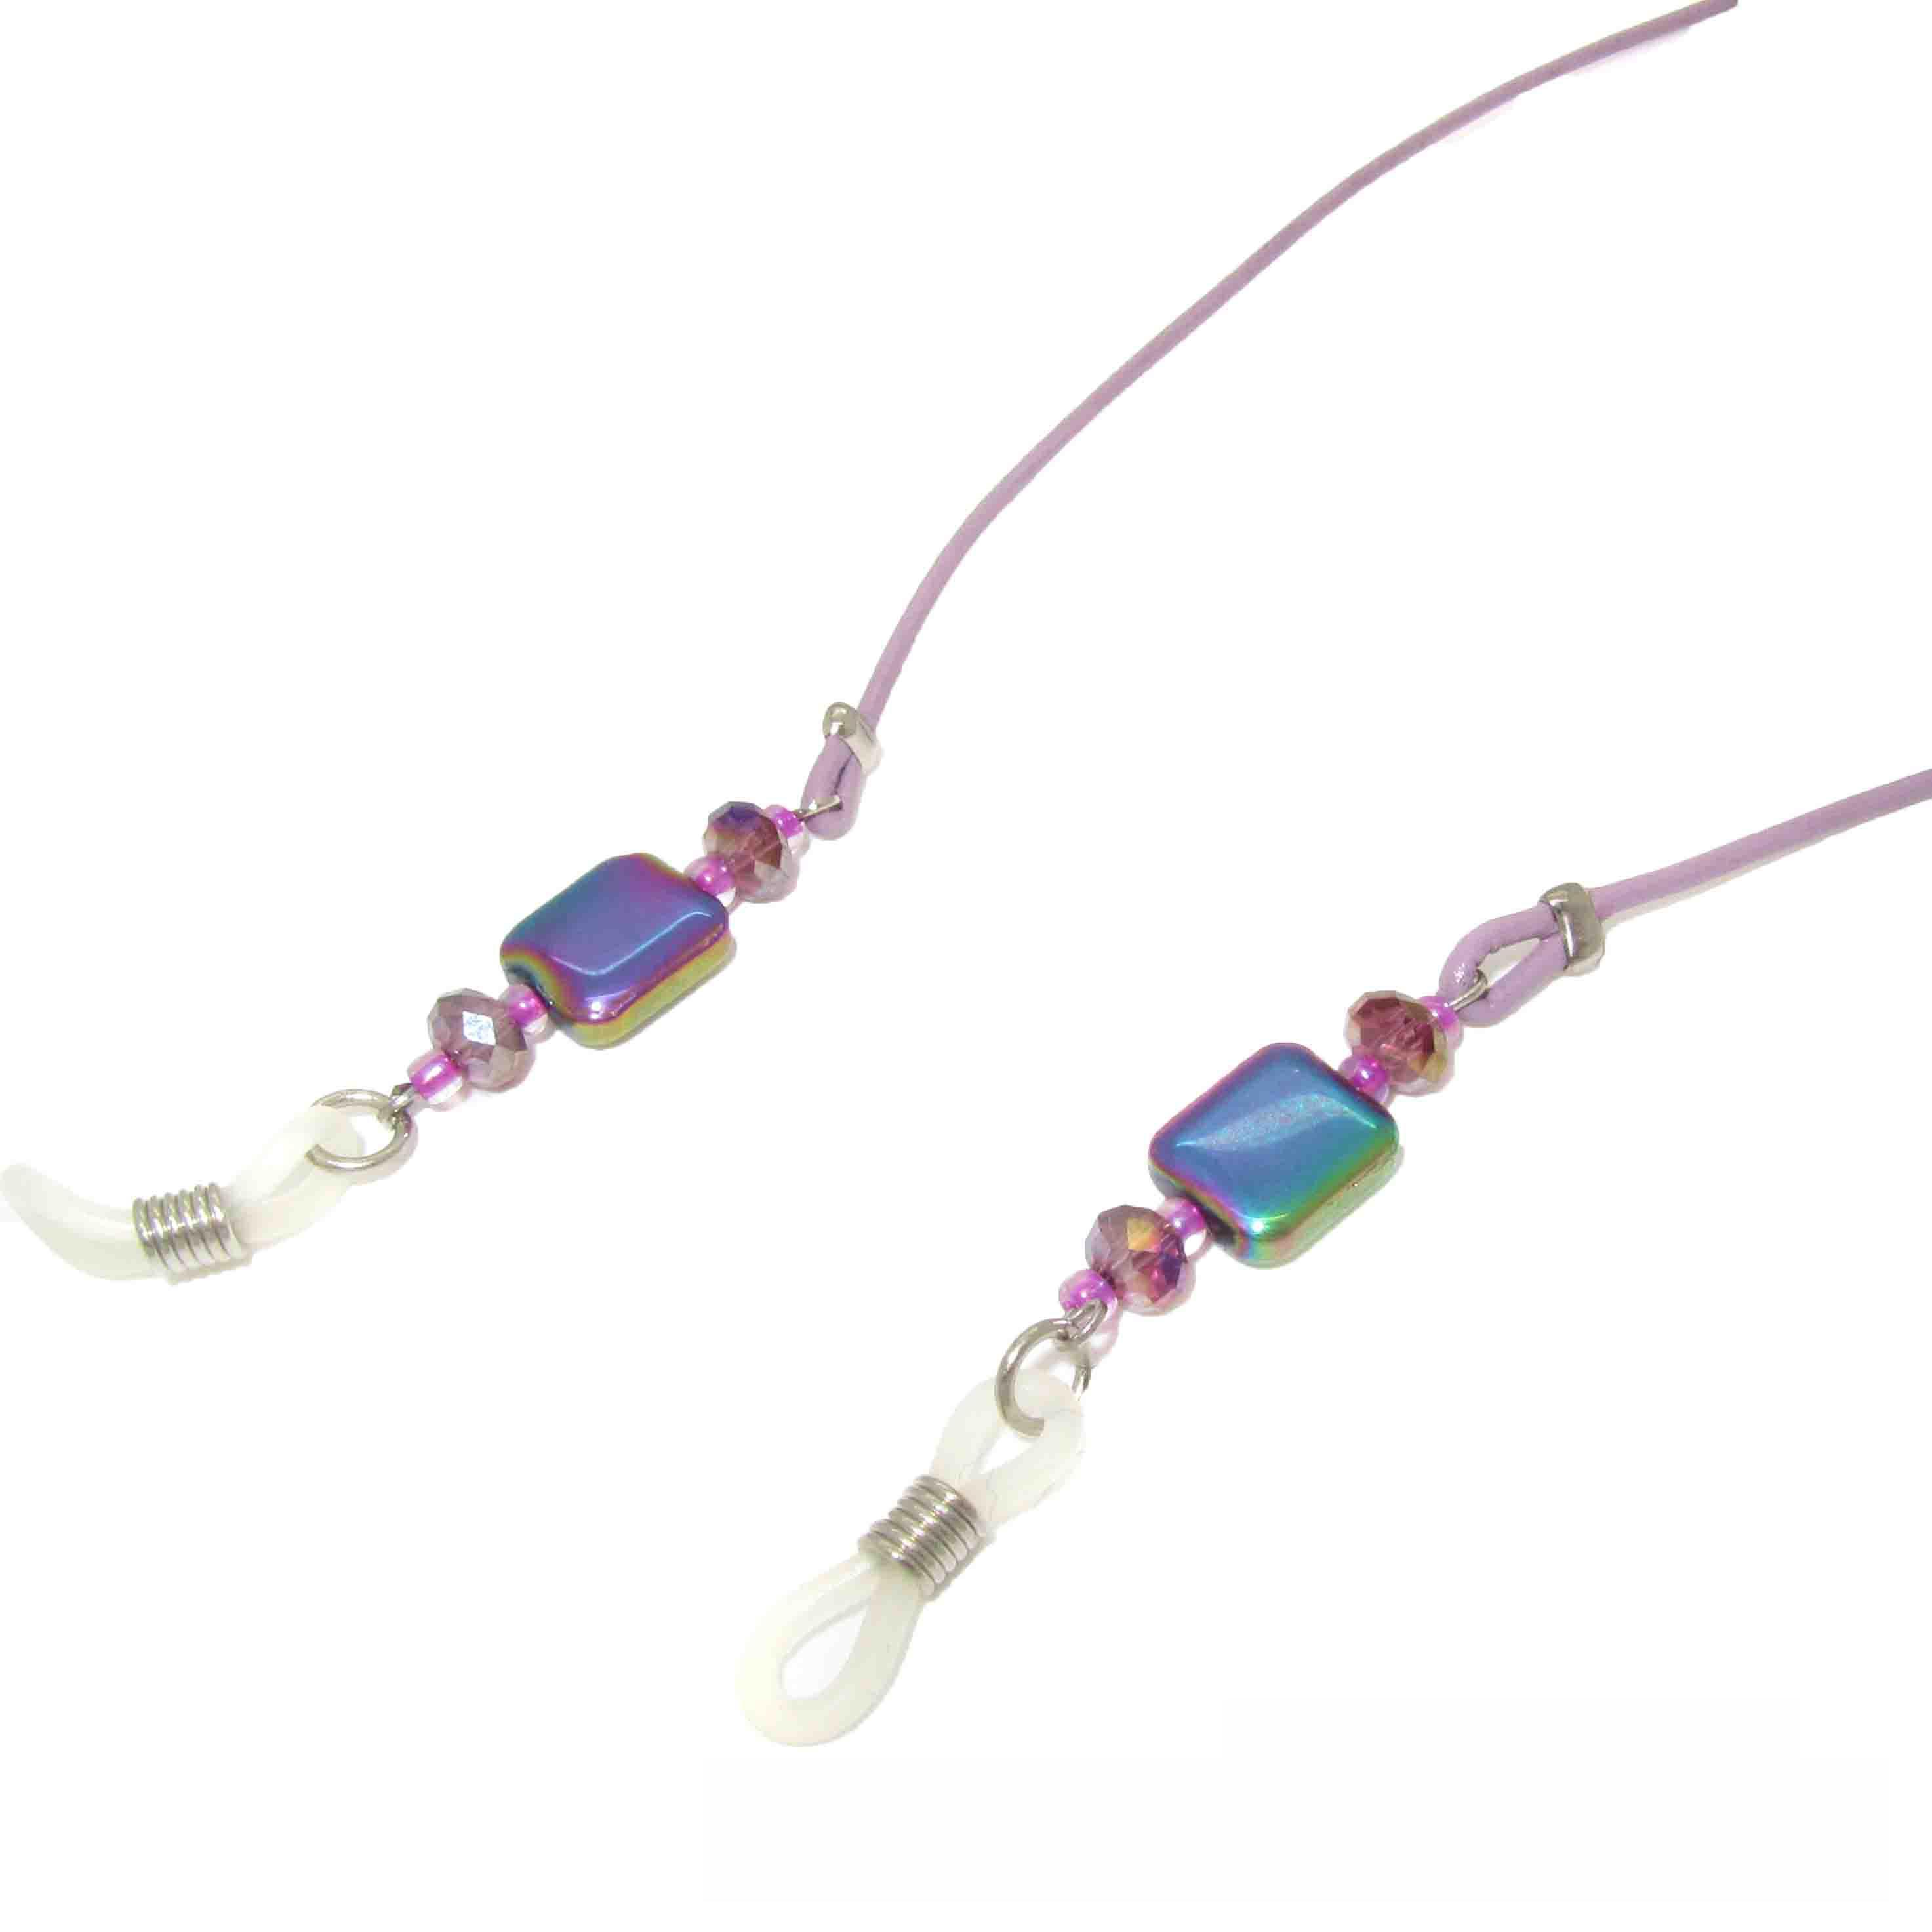 Χειροποίητα κοσμήματα γυαλιών σε πολλά σχέδια και χρώματα 2d507aaedb9